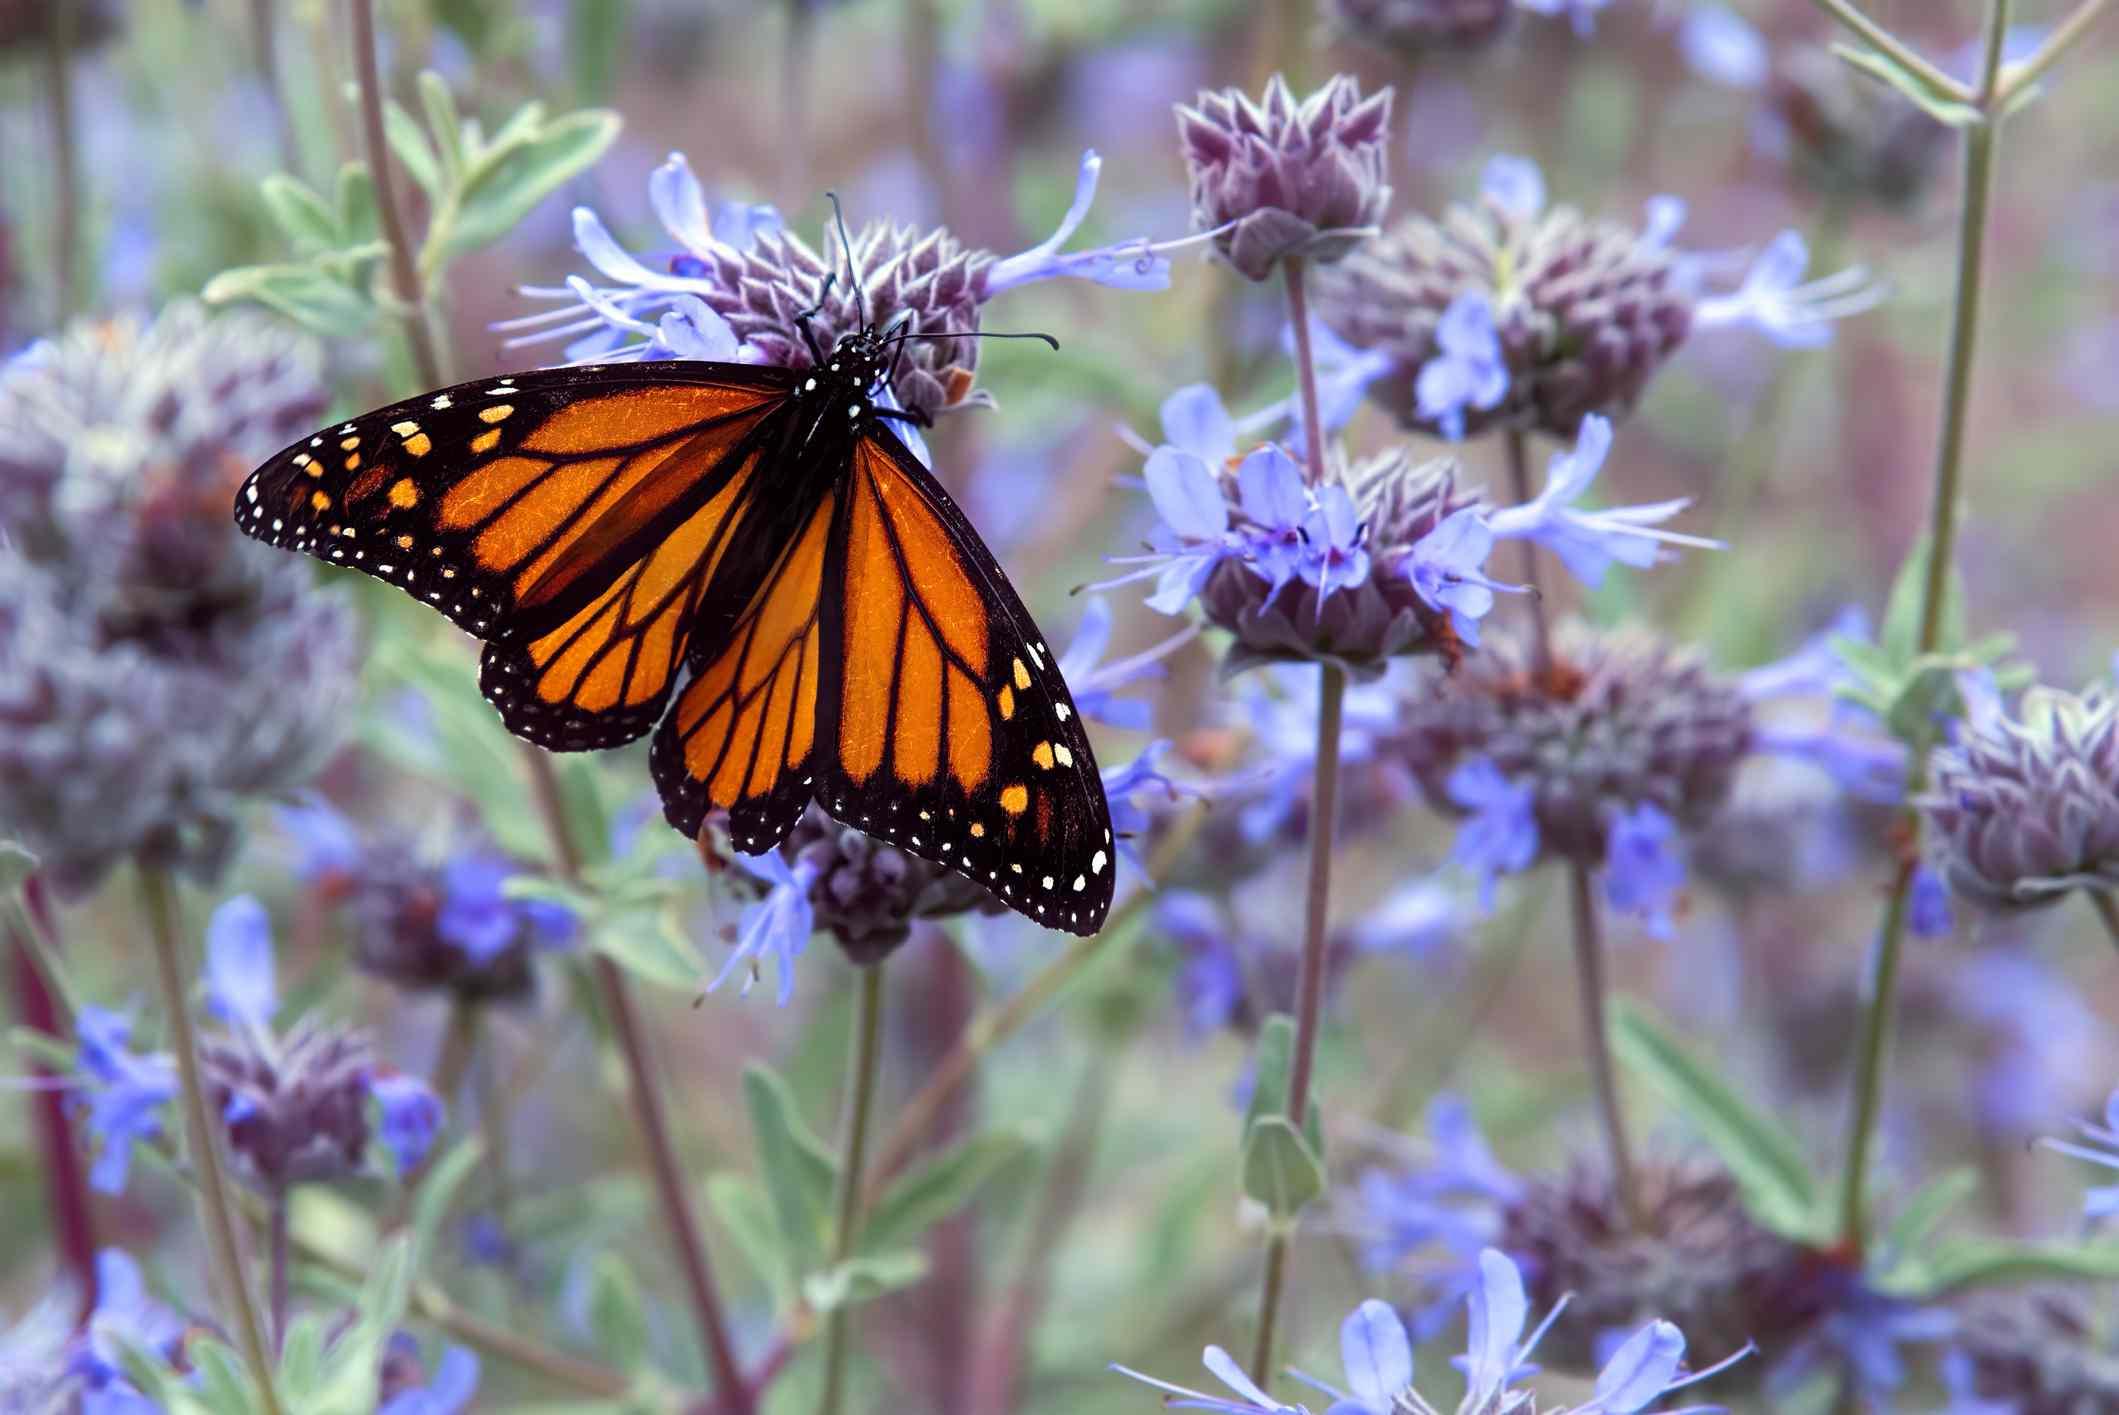 A monarch butterfly on a purple flower in a field of purple flowers